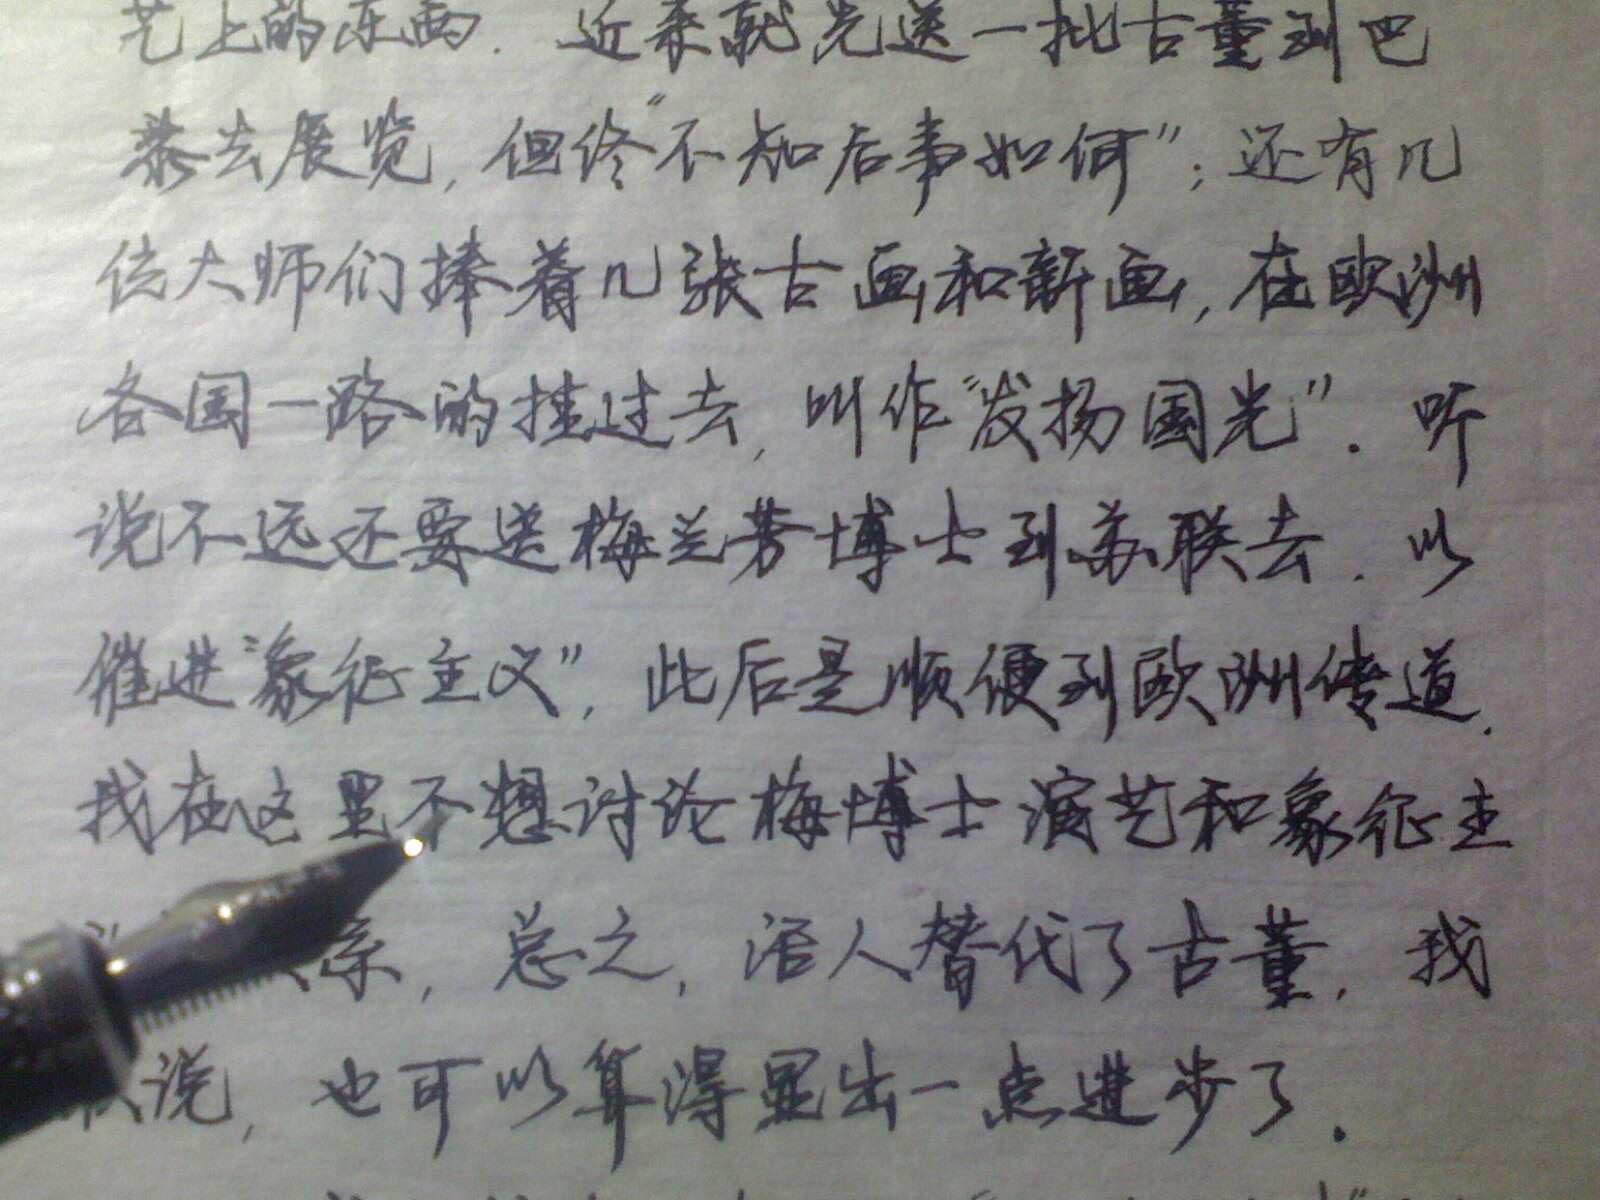 如果能的话,本人常写楷书和行书的钢笔字帖,推荐罗扬的行书和田英章的图片